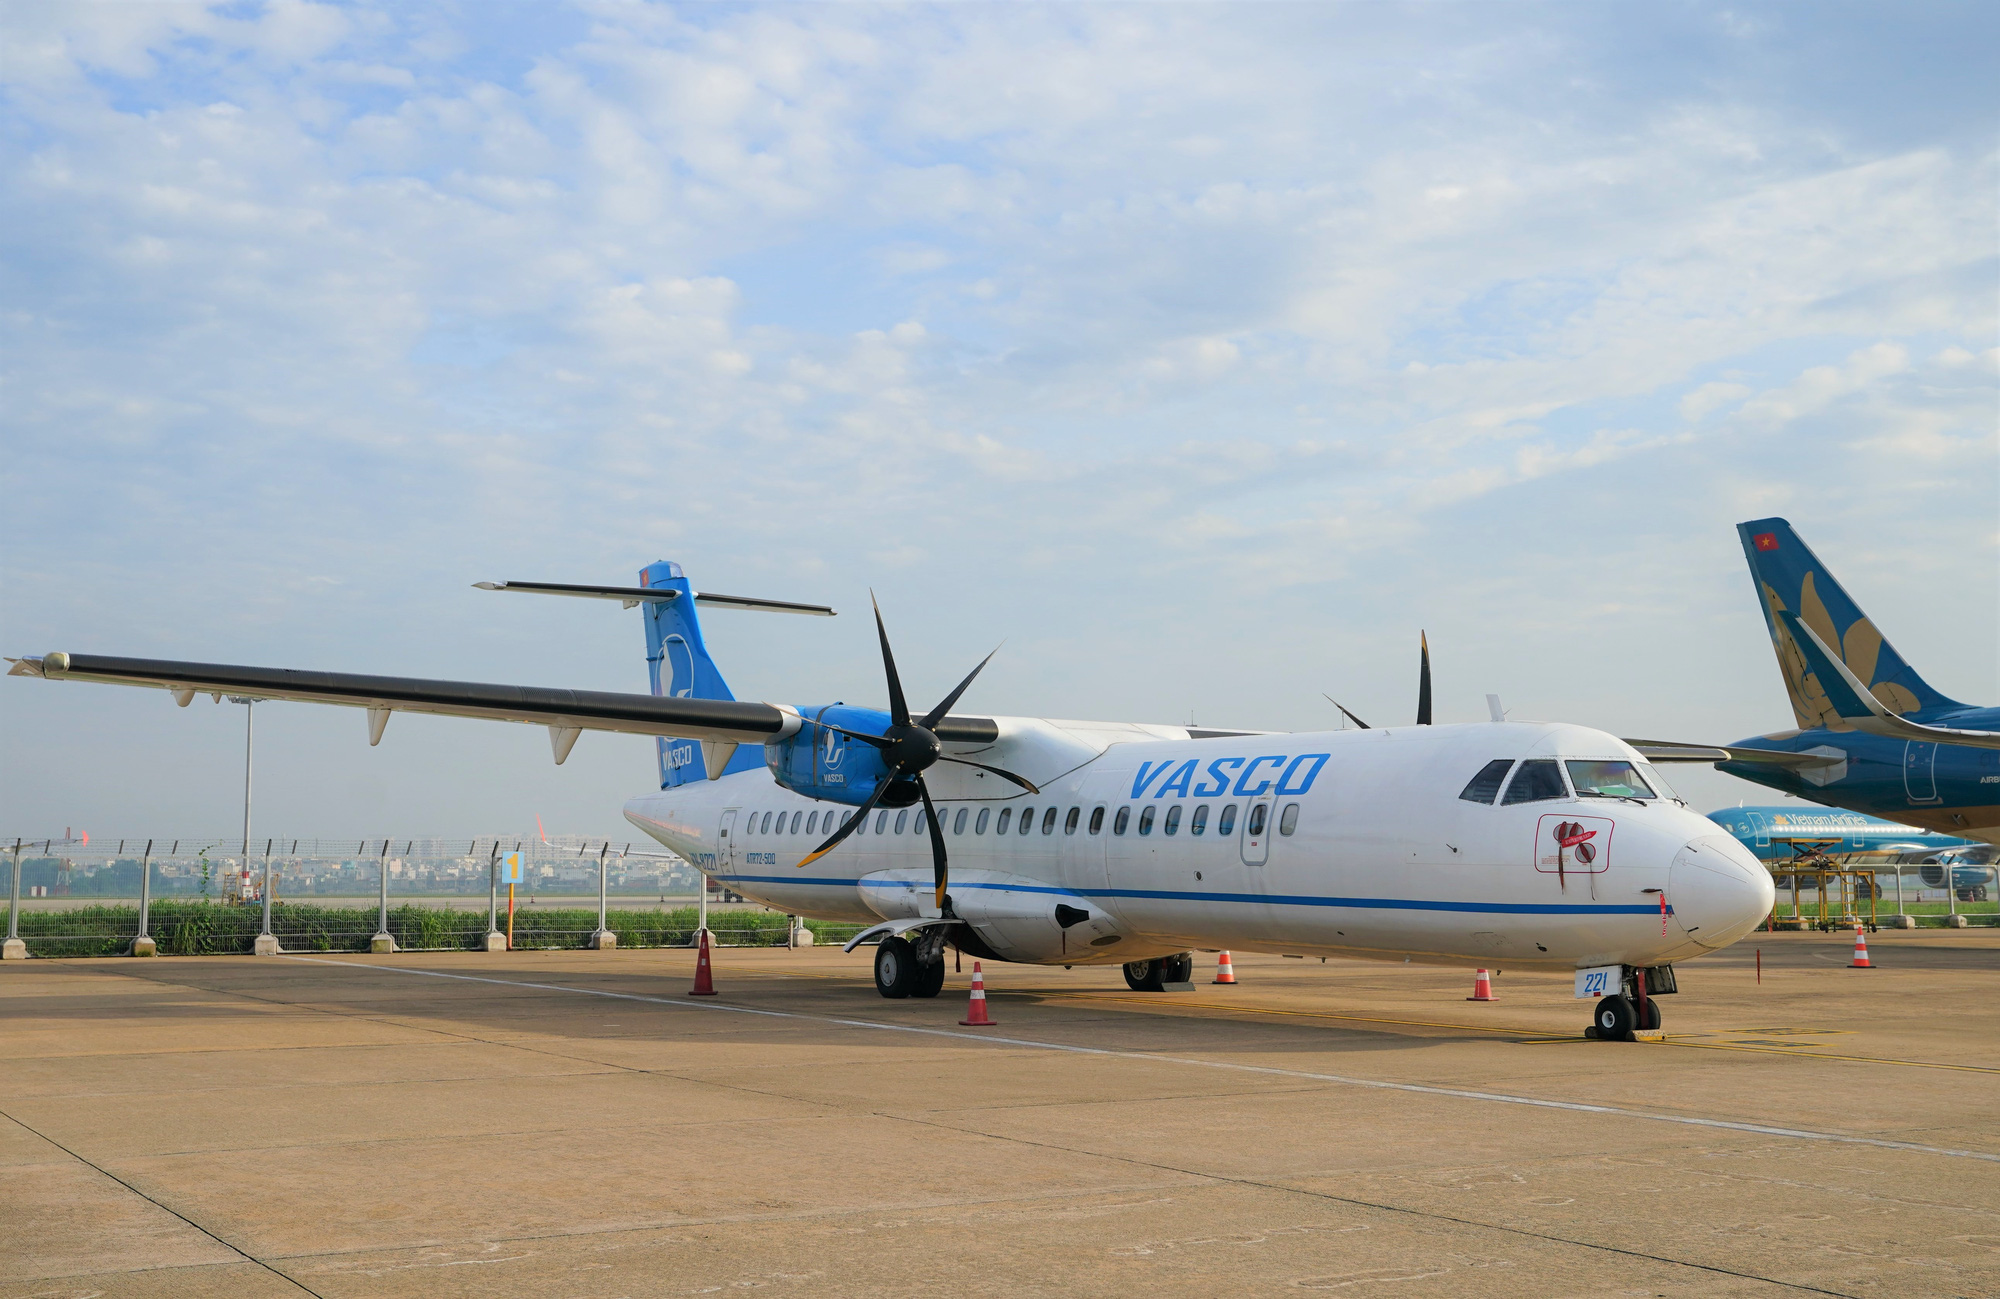 Tăng chuyến bay đến Điện Biên, Rạch Giá, Cà Mau - Báo Người lao động